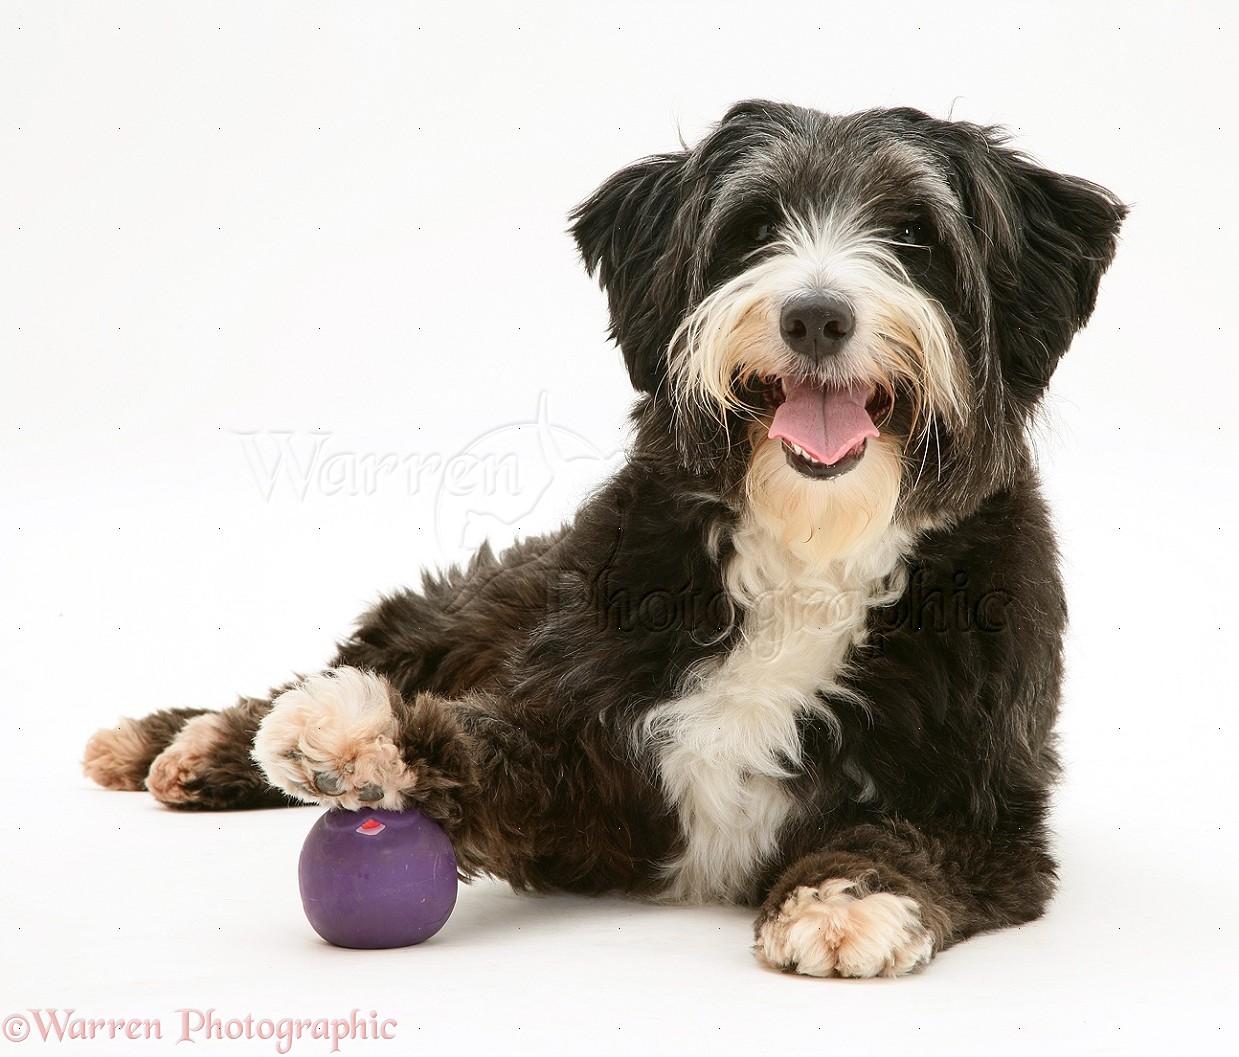 dog breeds house dog breeds all toy dog breeds petfinder dog breeds ...